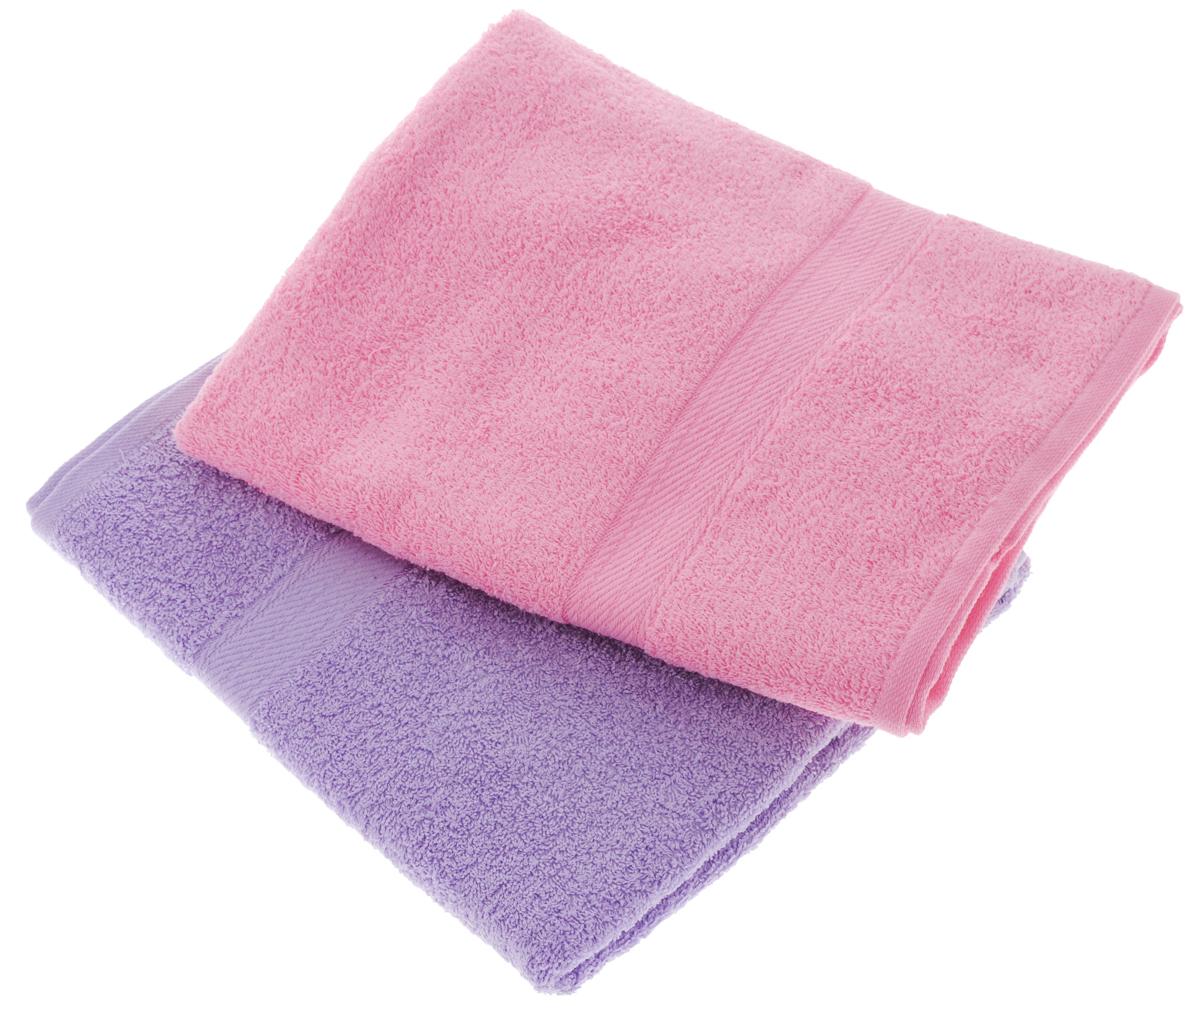 """Набор махровых полотенец """"Aisha Home Textile"""", цвет: сиреневый, розовый, 70 х 140 см, 2 шт"""